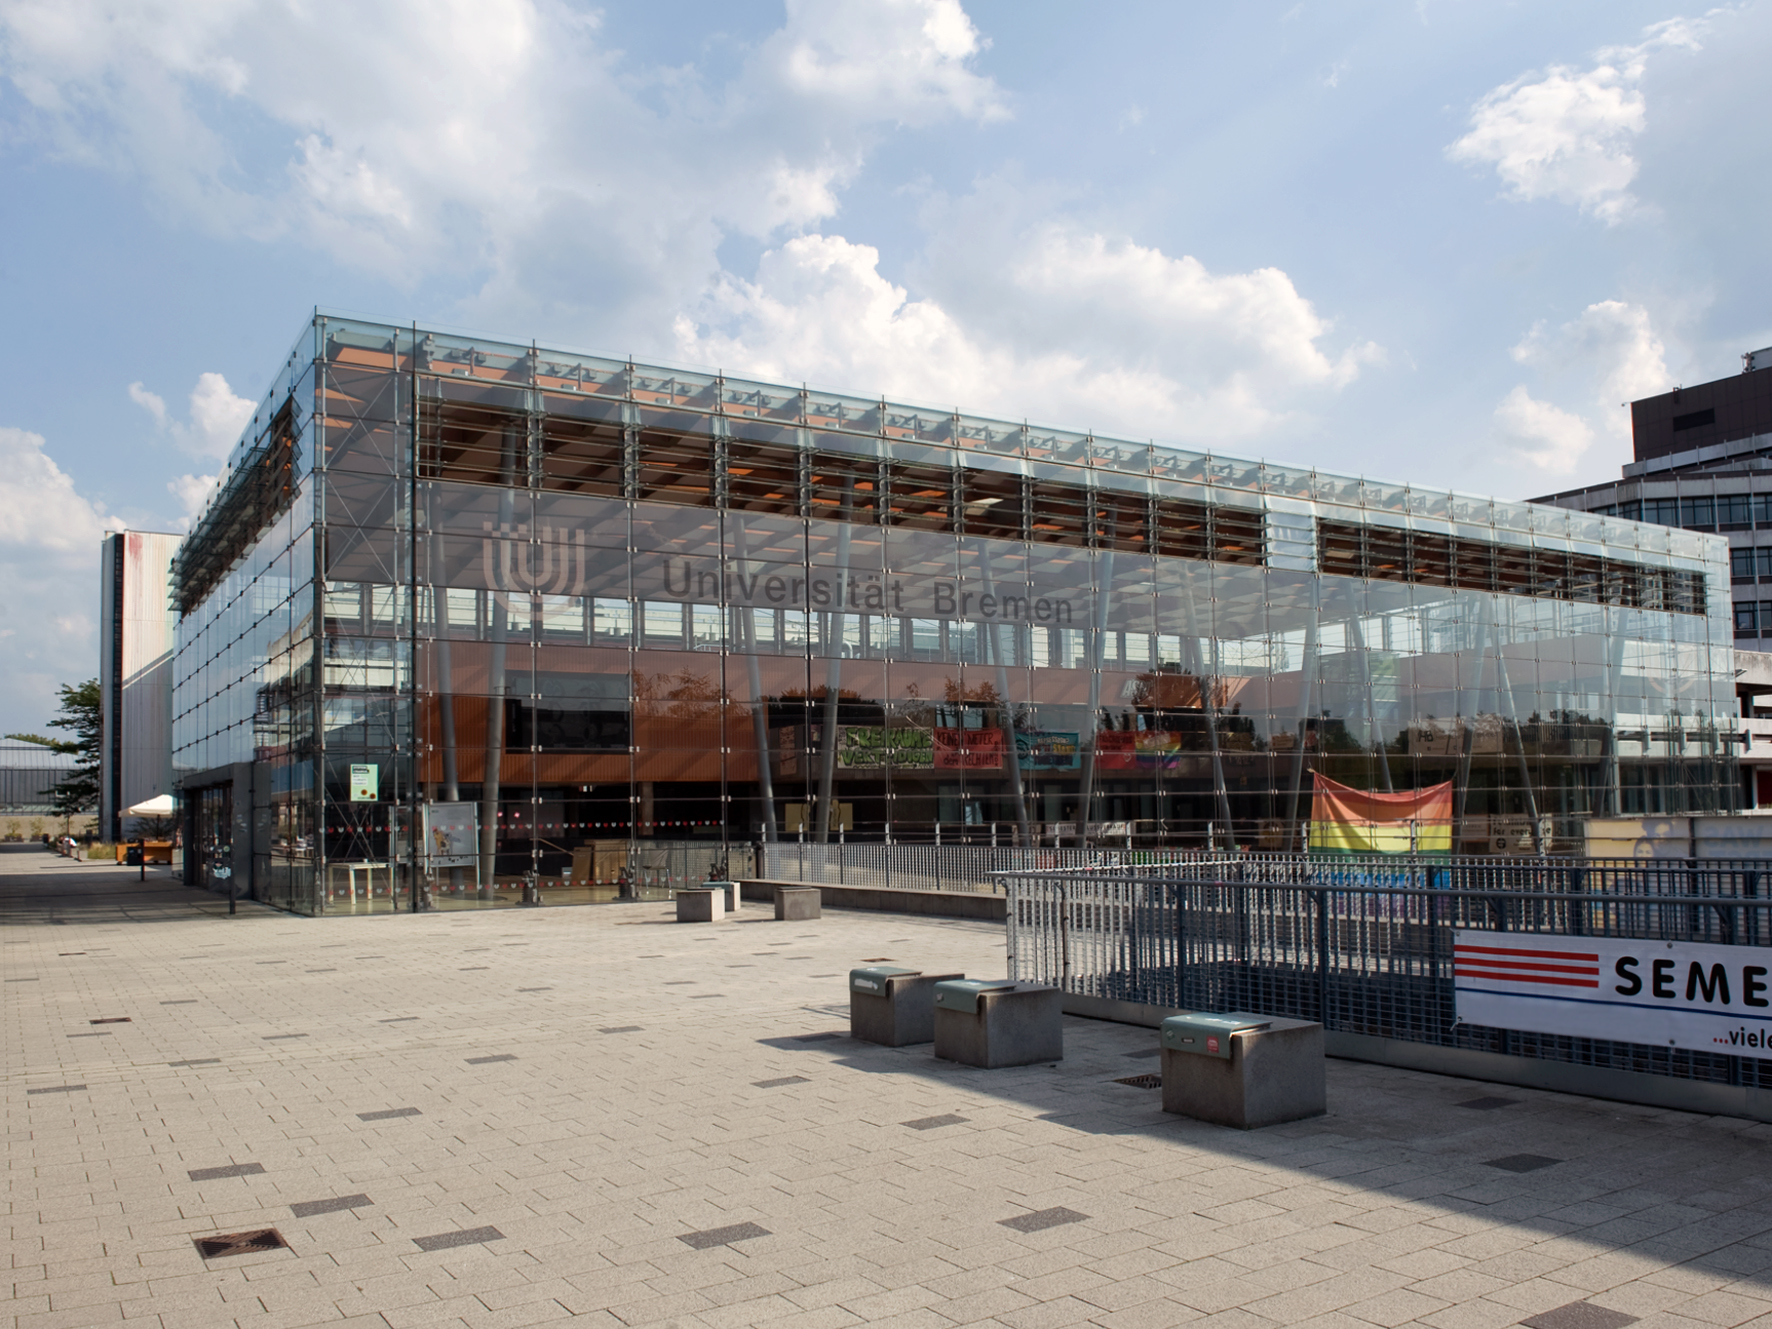 Glashalle (Zentralbereich A), Studentenhaus